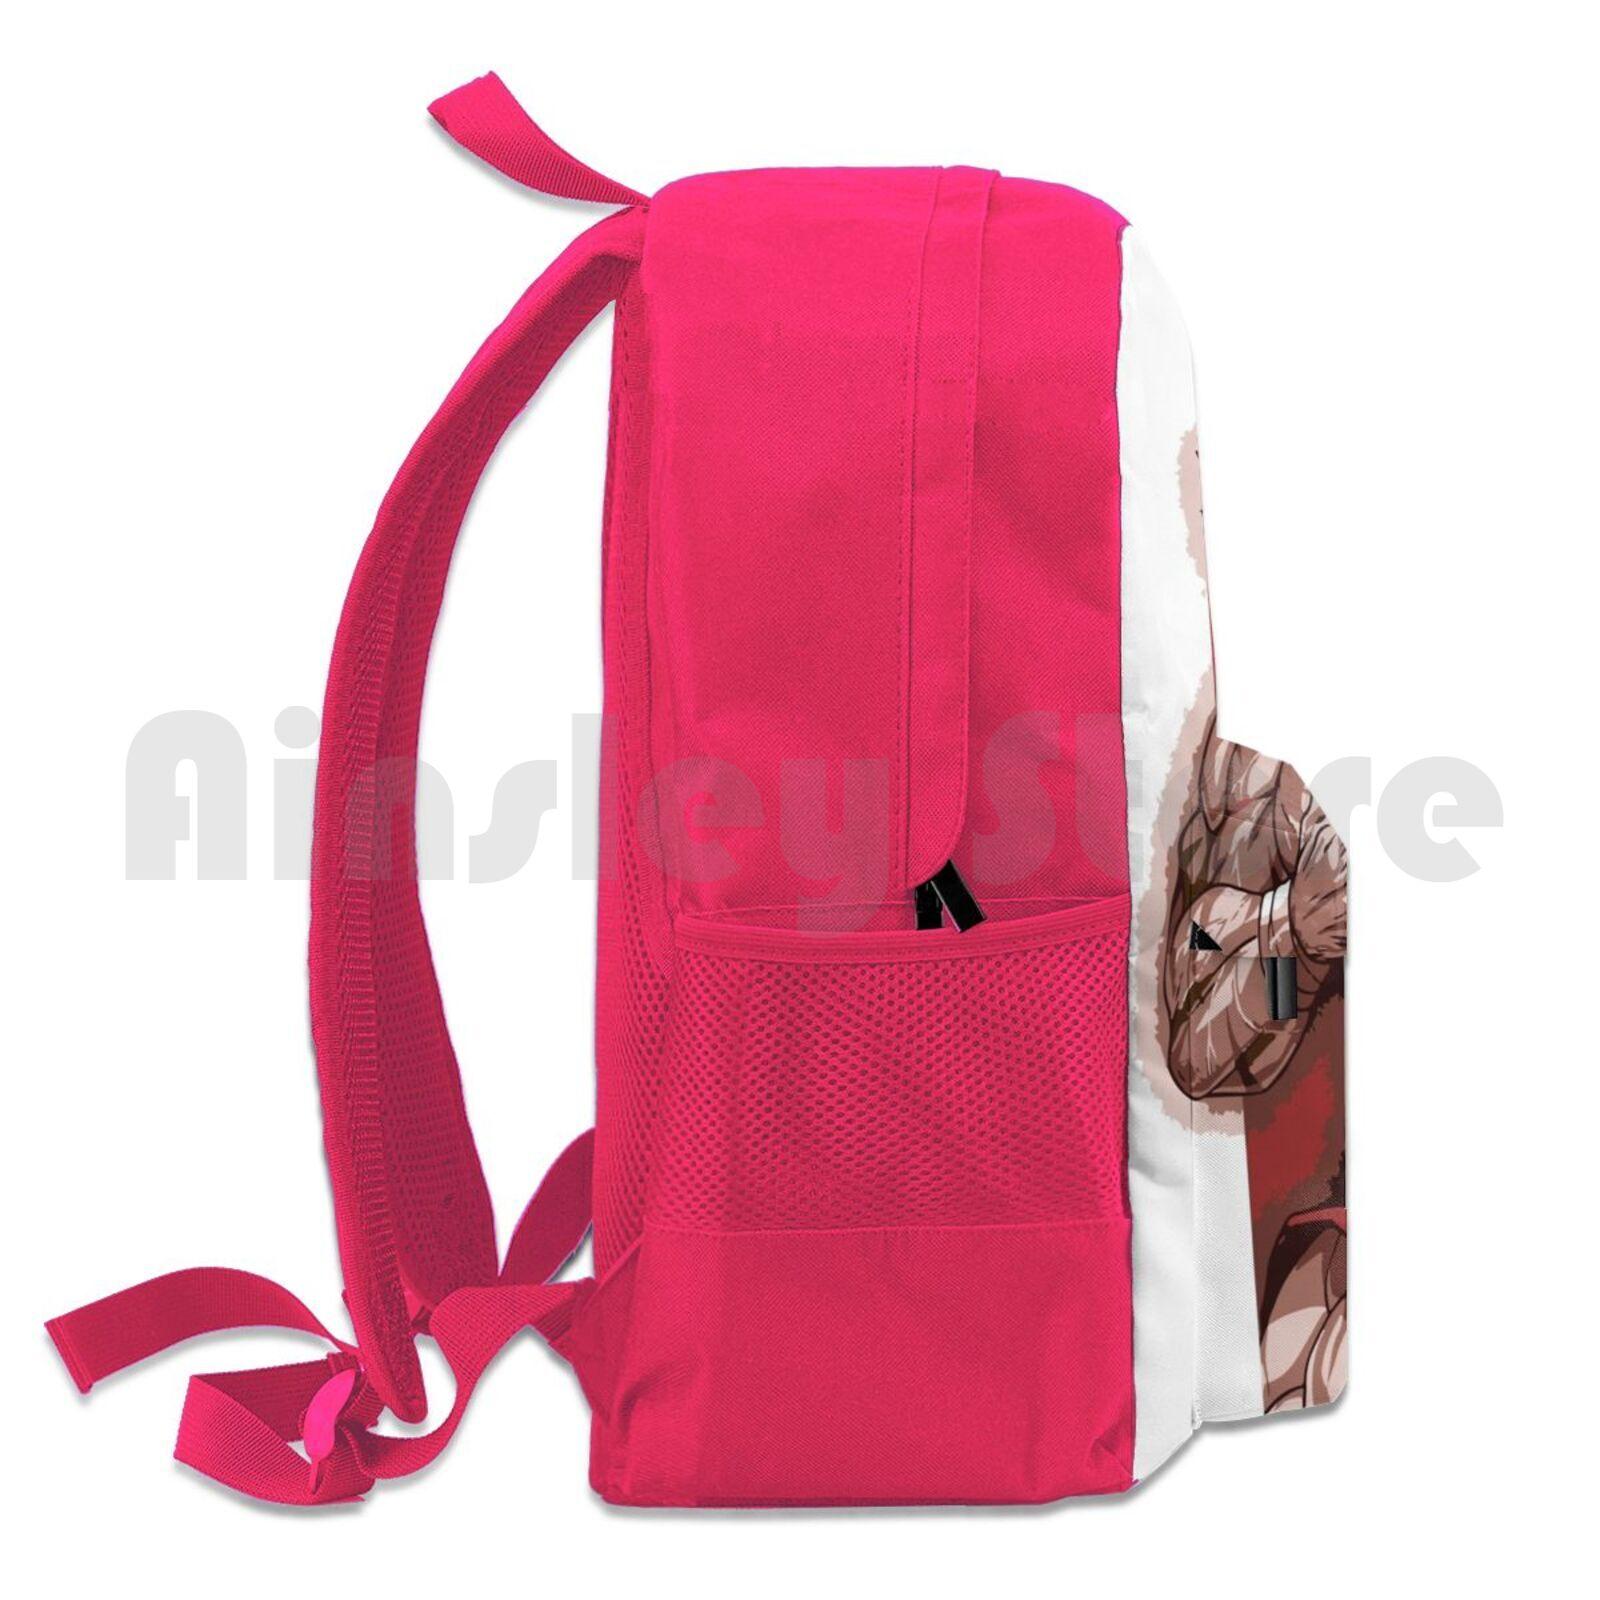 H59a7e16a81c9437eb4164613c8008707a - Anime Backpacks